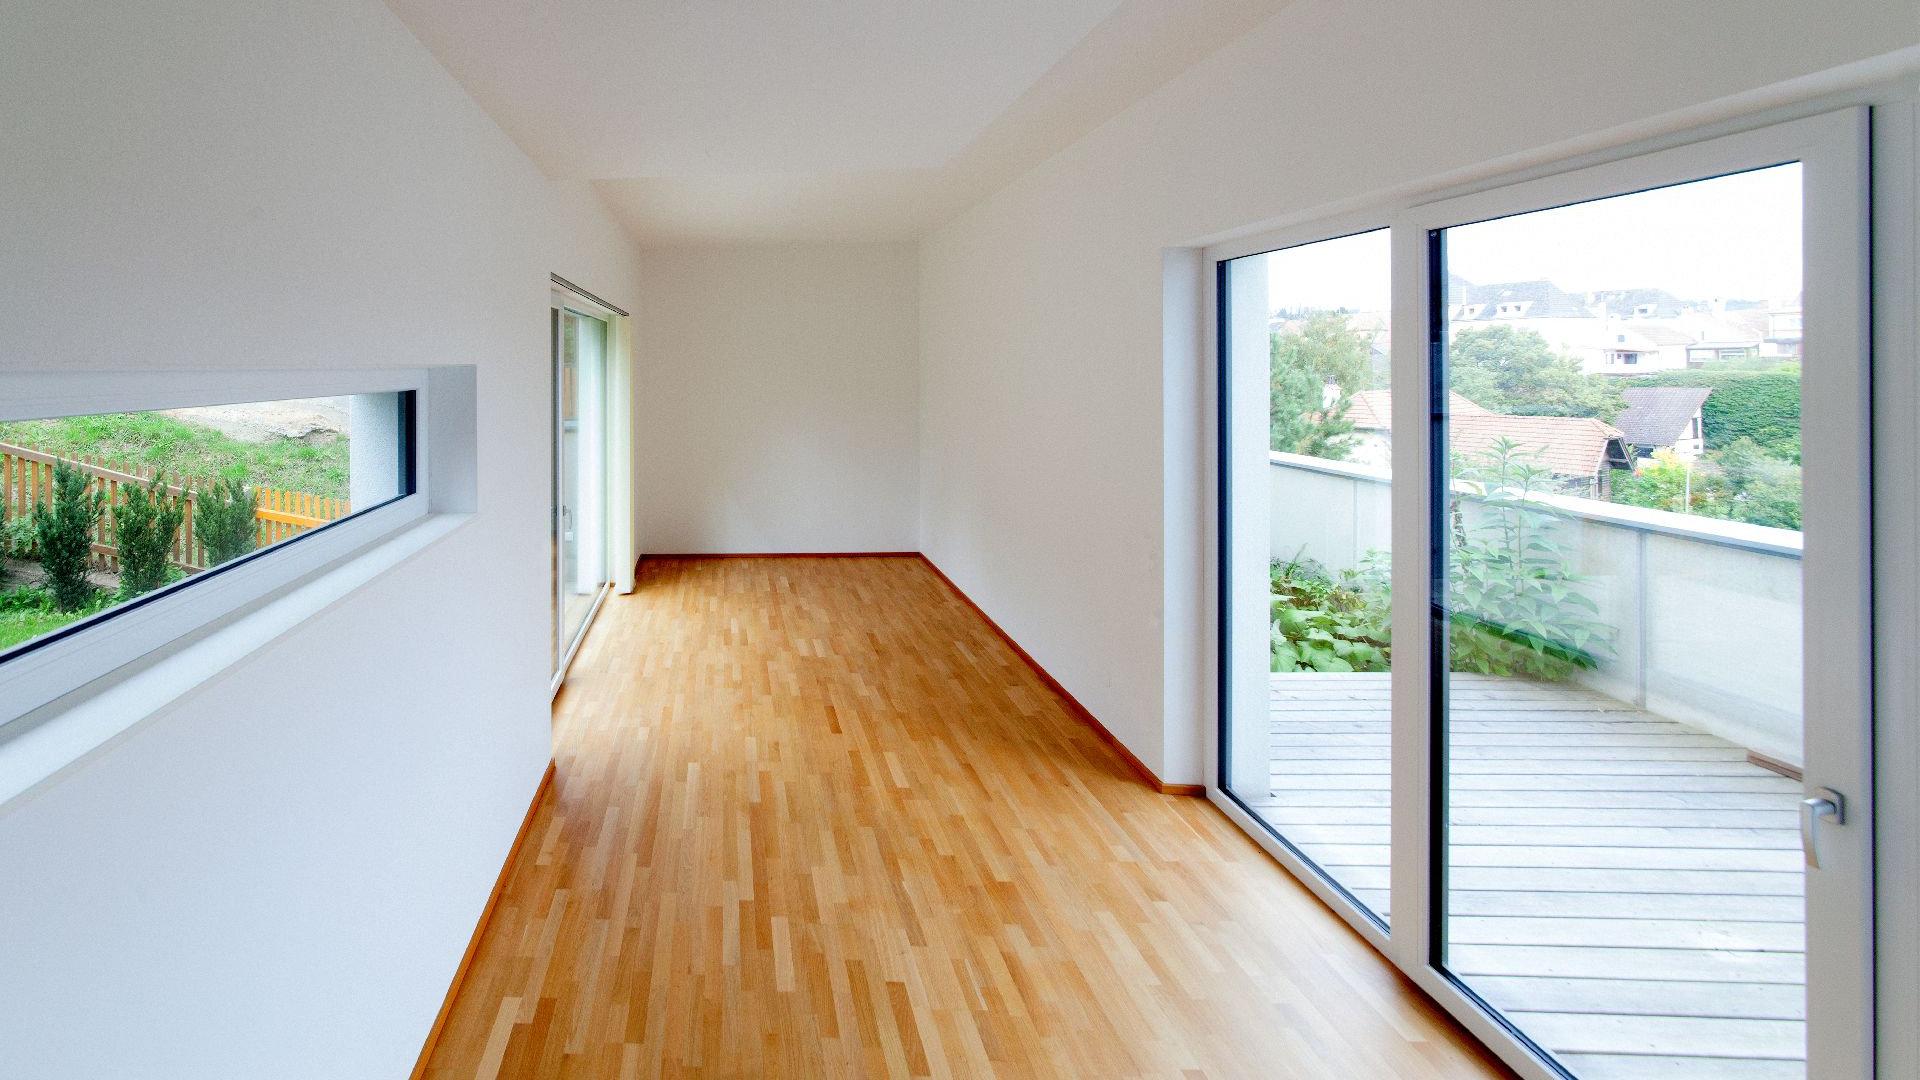 ©Romana Fürnkranz / Innenansicht mit beidseitig belichtetem Wohnzimmer